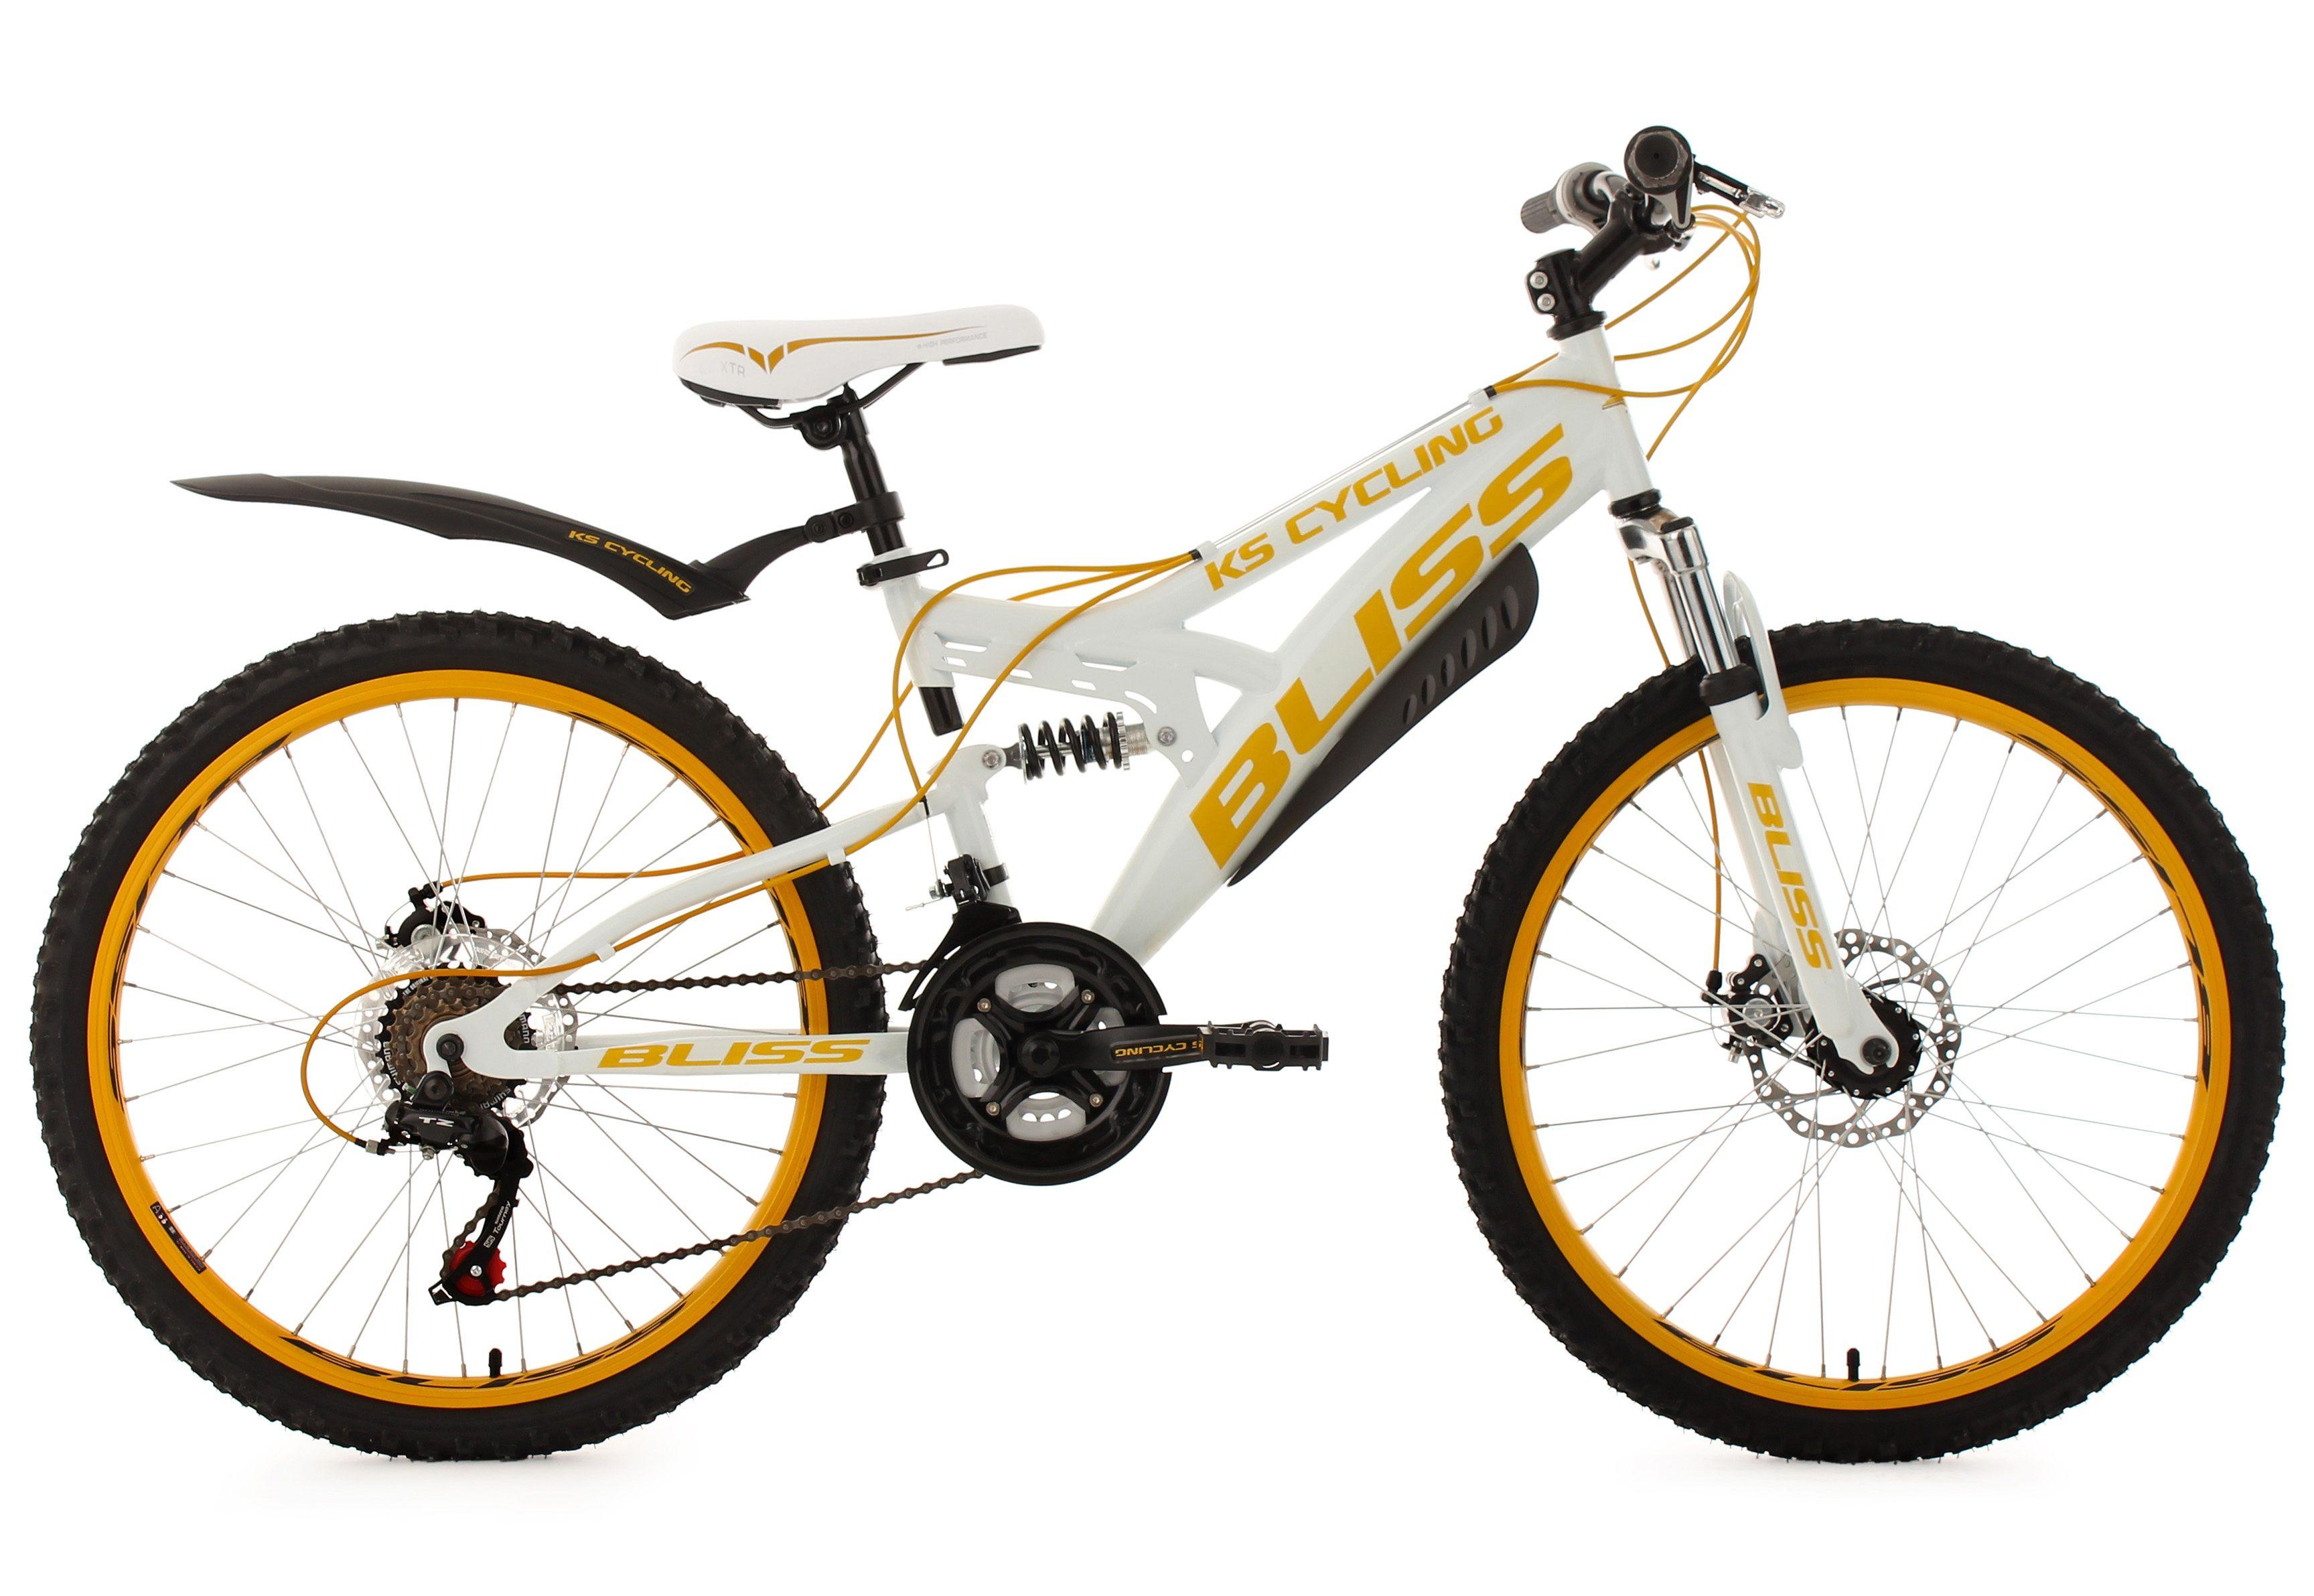 KS Cycling Fully Jugend-Mountainbike, 24 Zoll, weiß-gelb, 18 Gang-Kettenschaltung, »Bliss«